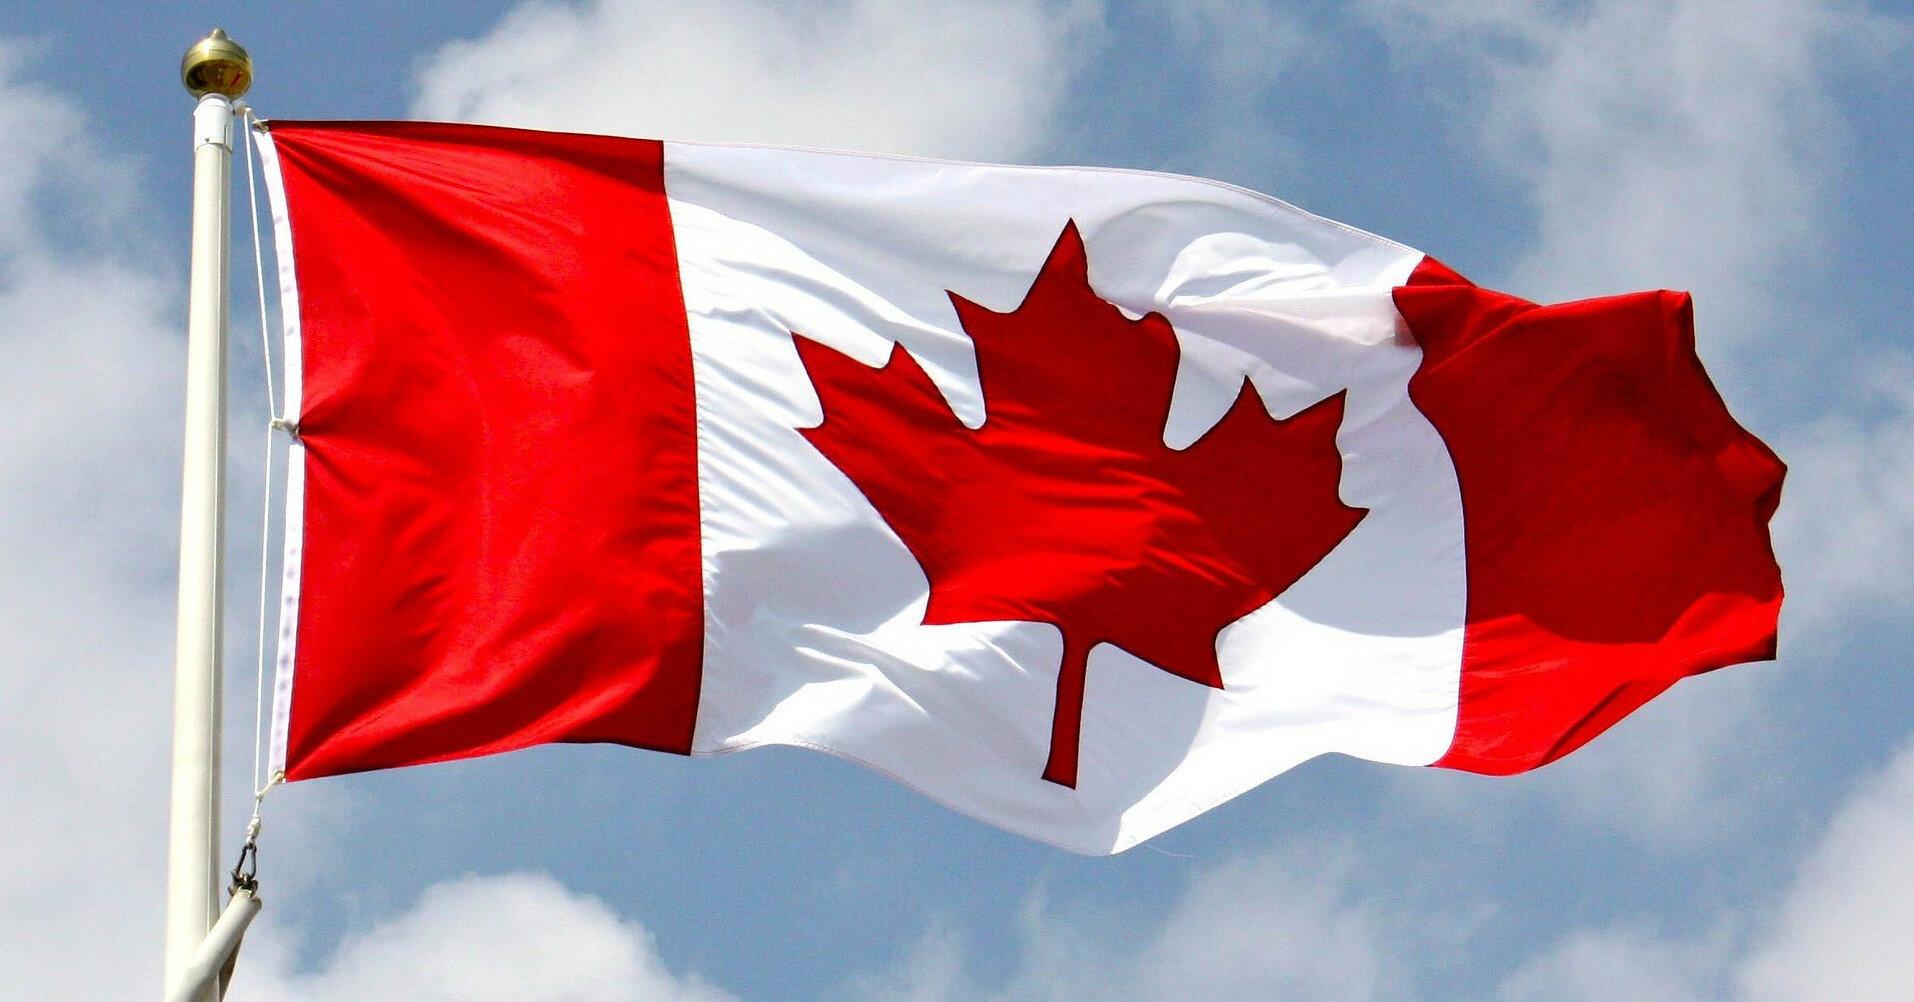 РФ ввела санкции против канадских чиновников: в Оттаве отреагировали